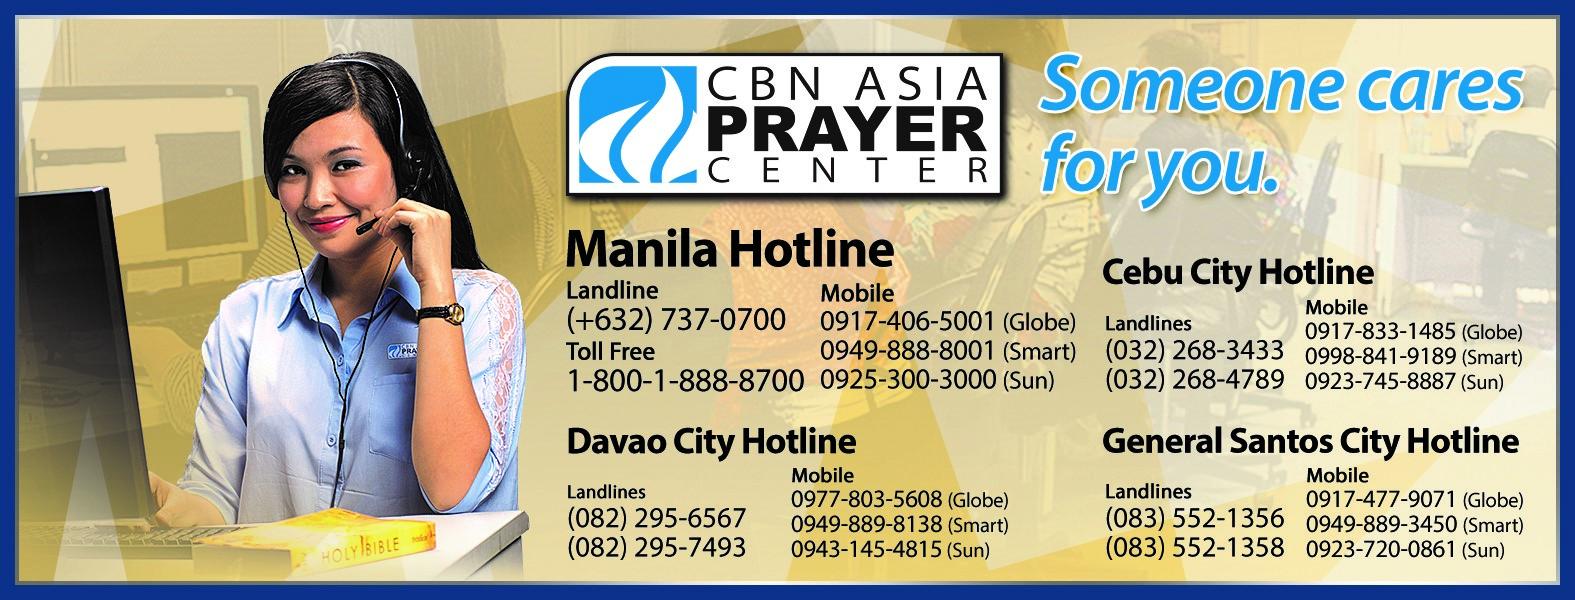 CBN Asia Prayer Center